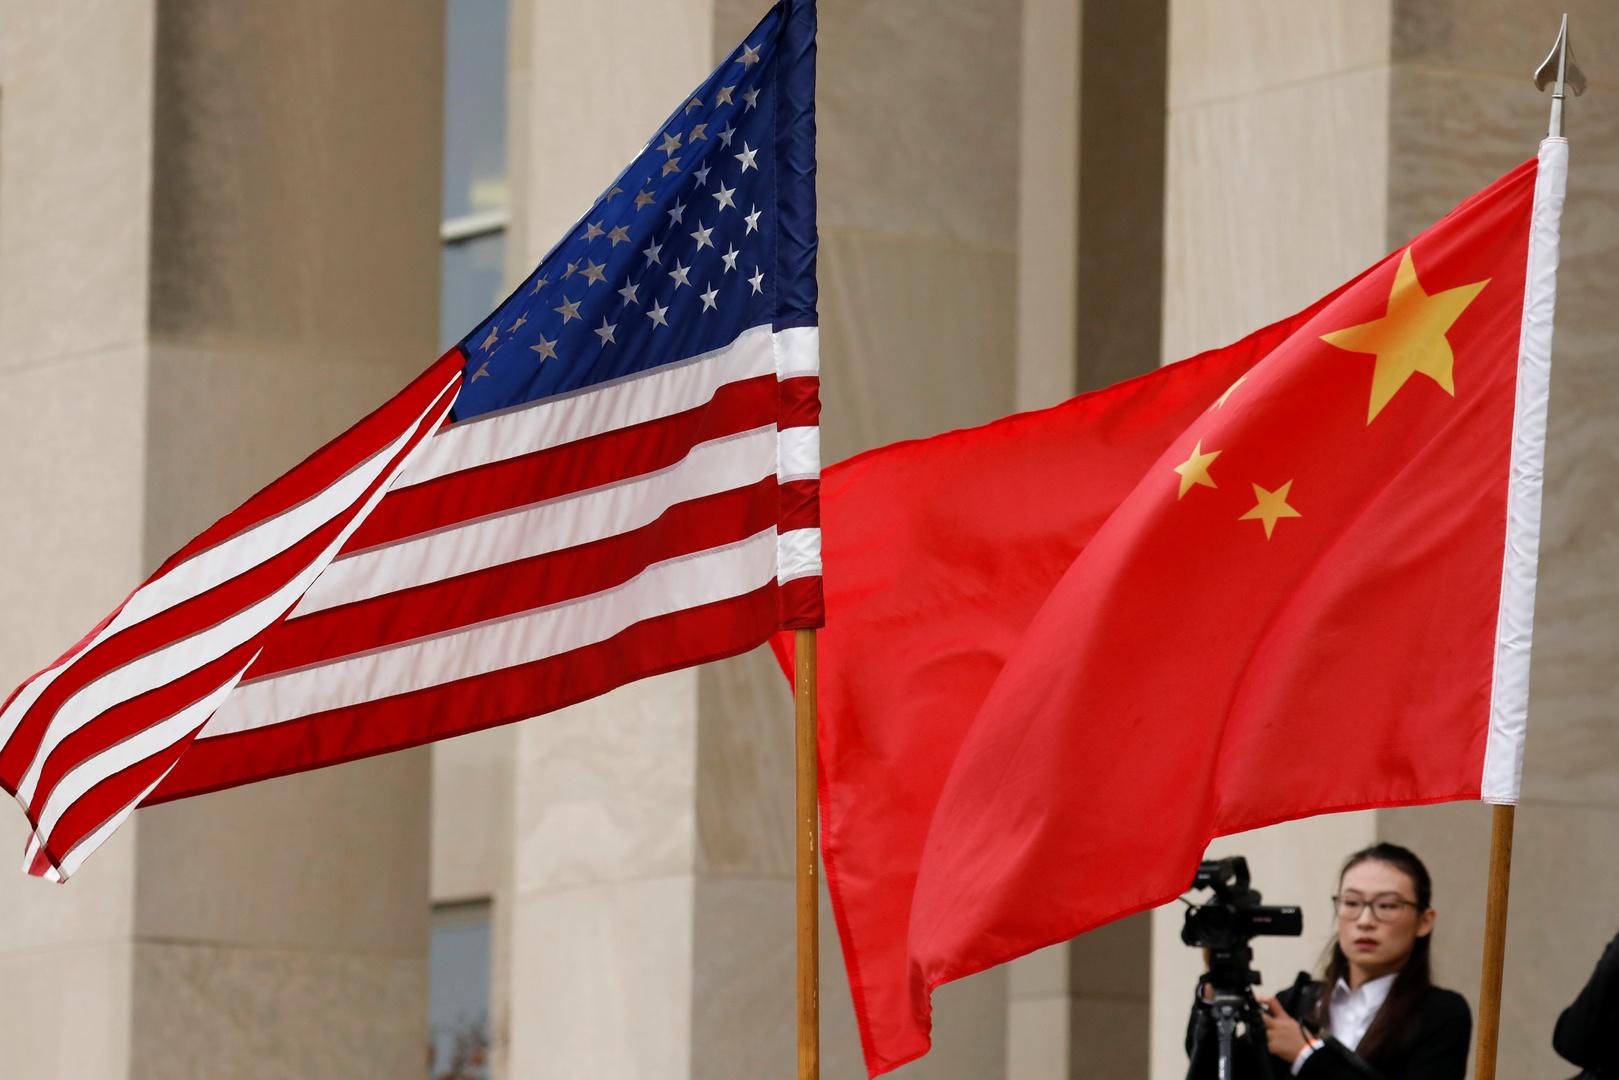 البرلمان الصيني يعارض مشروع القانون الأمريكي بشأن التهديد التكنولوجي الصيني